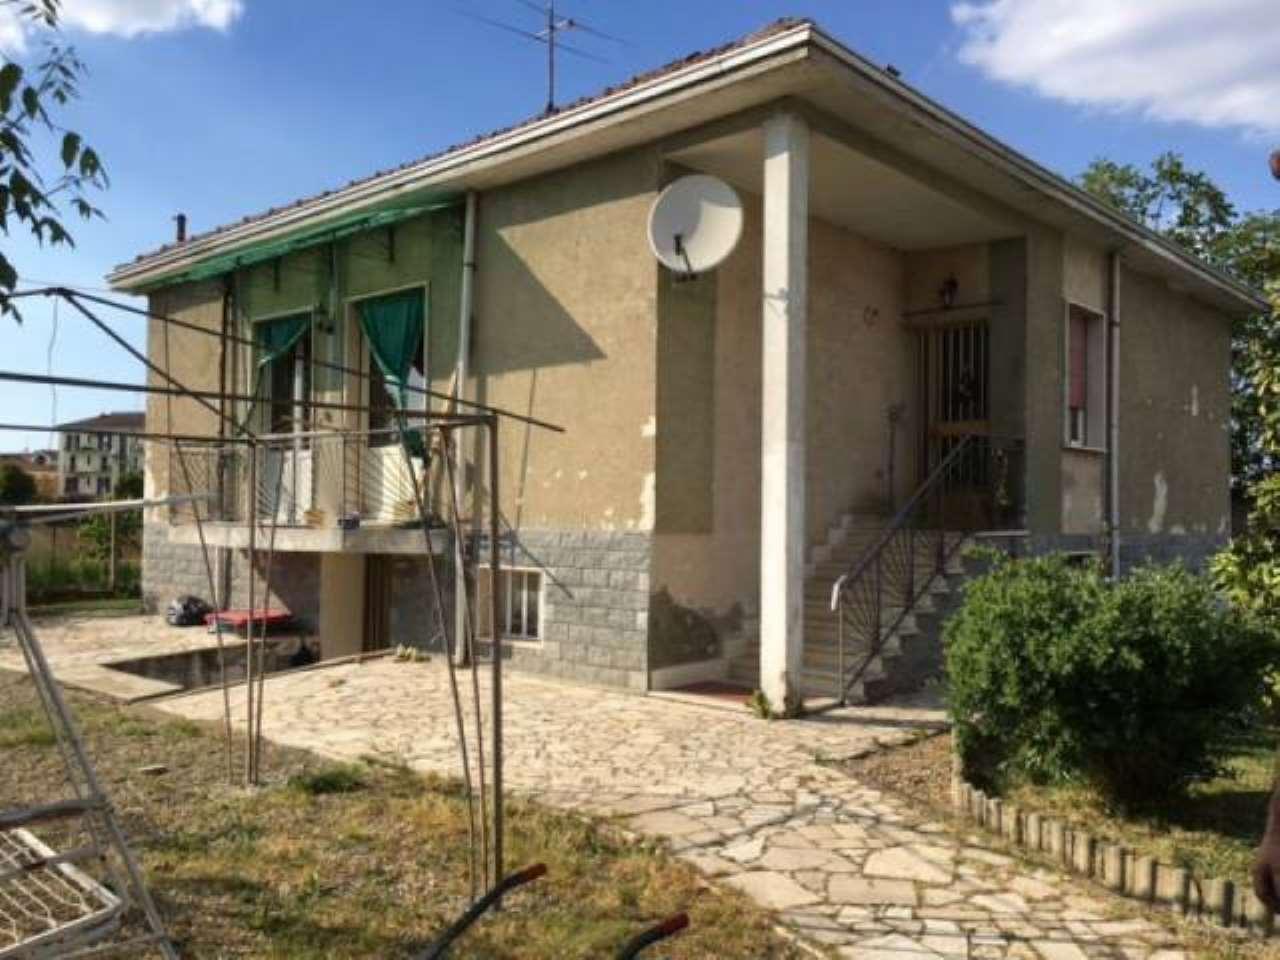 Soluzione Indipendente in vendita a Alessandria, 3 locali, prezzo € 145.000 | CambioCasa.it